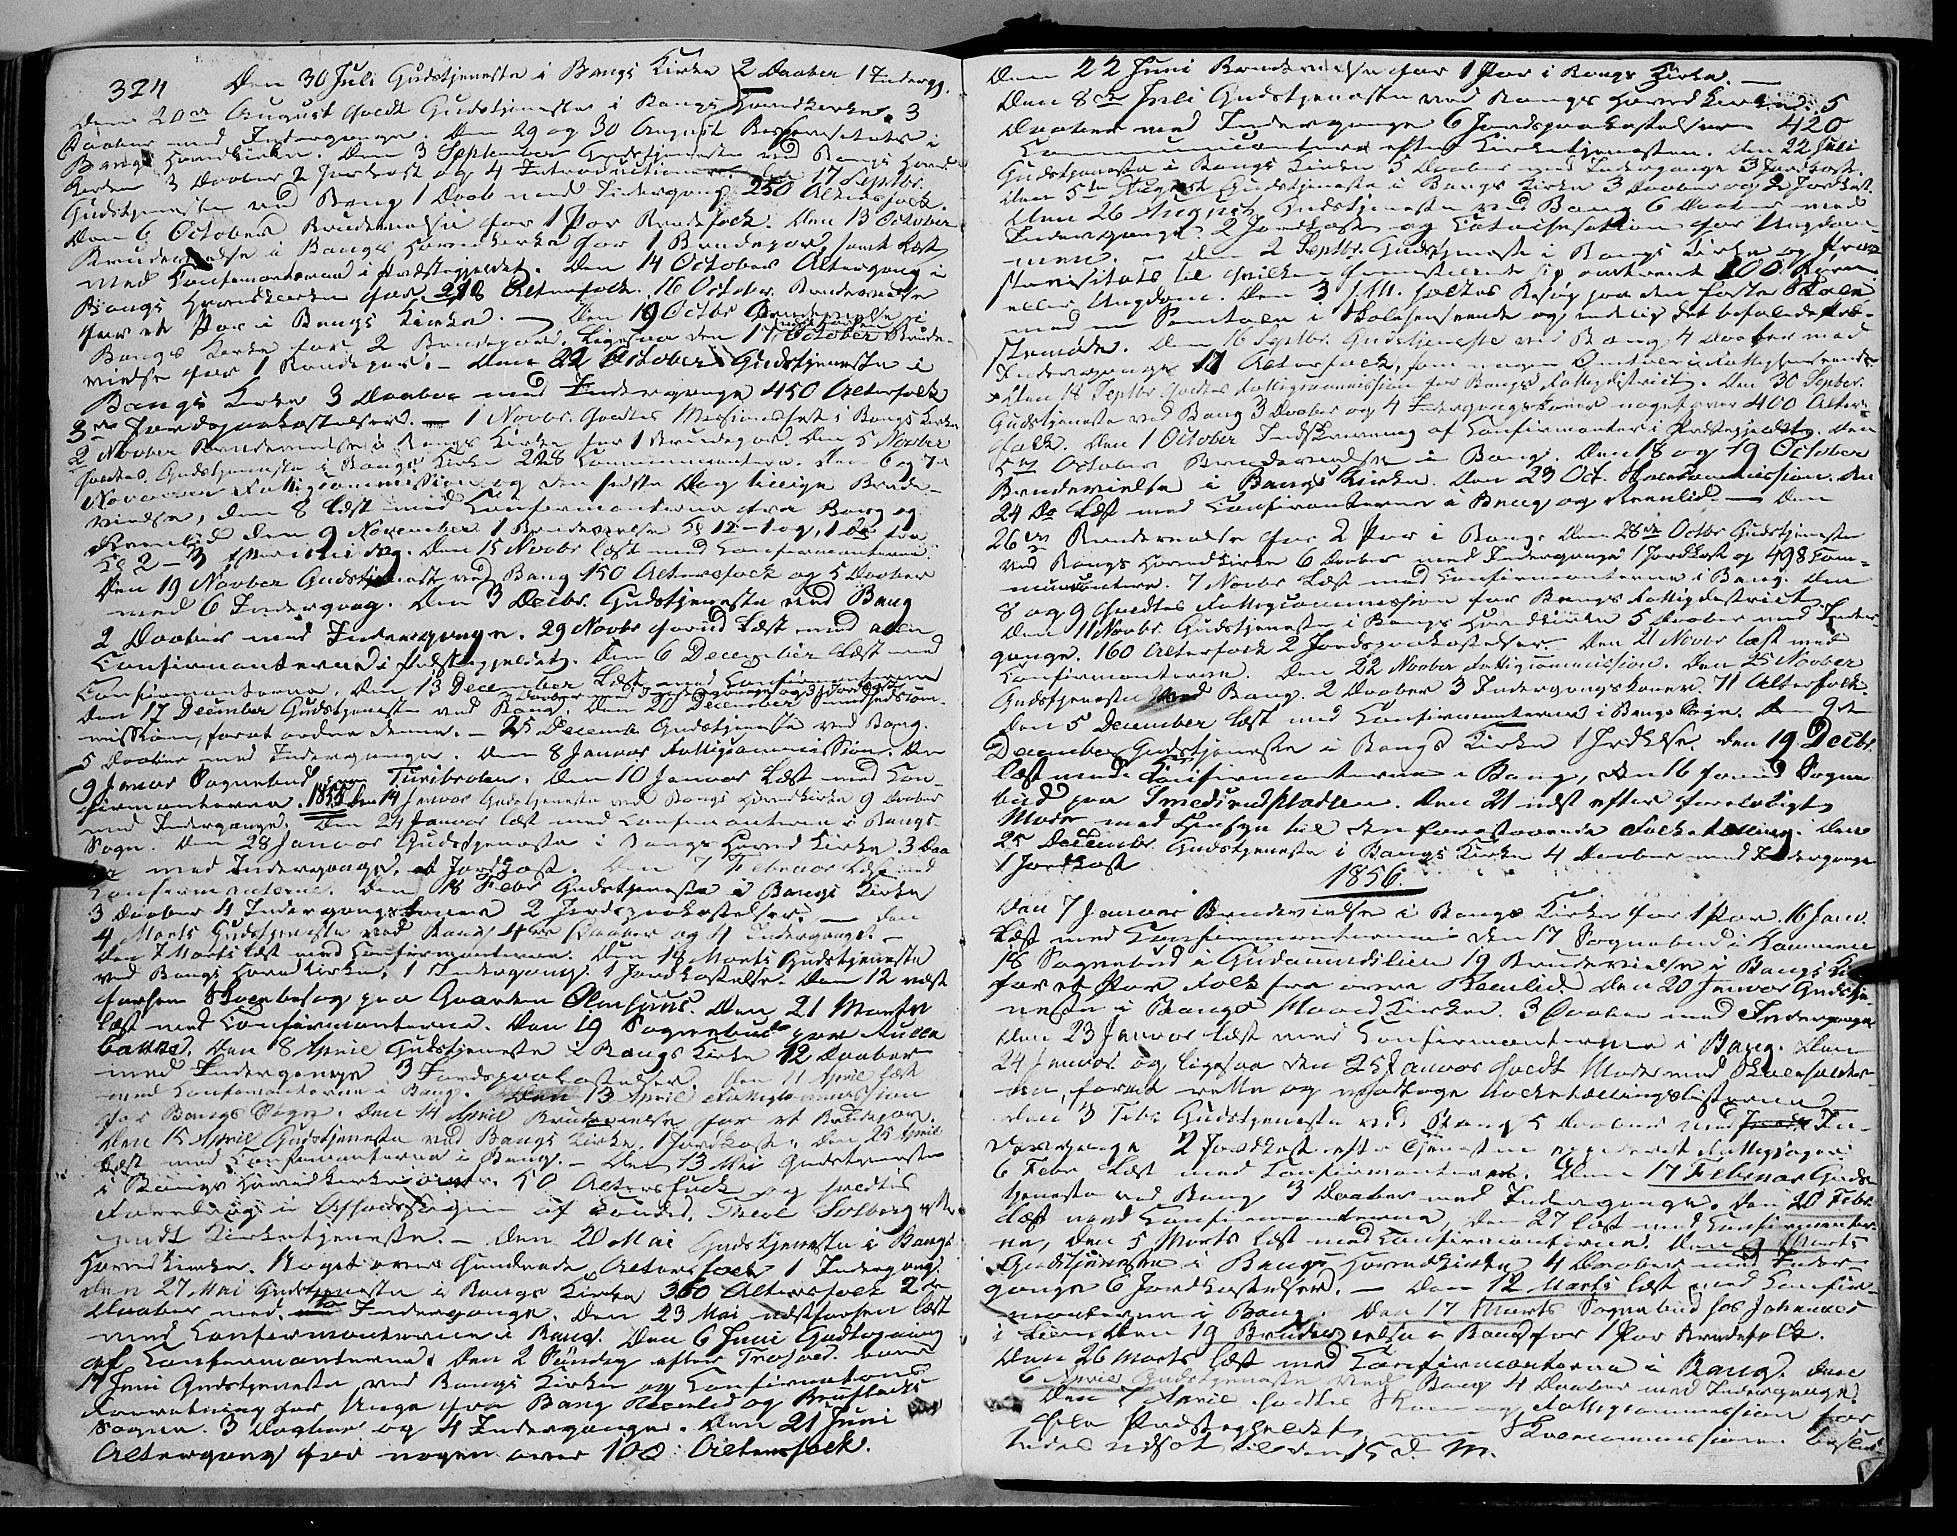 SAH, Sør-Aurdal prestekontor, Ministerialbok nr. 5, 1849-1876, s. 324